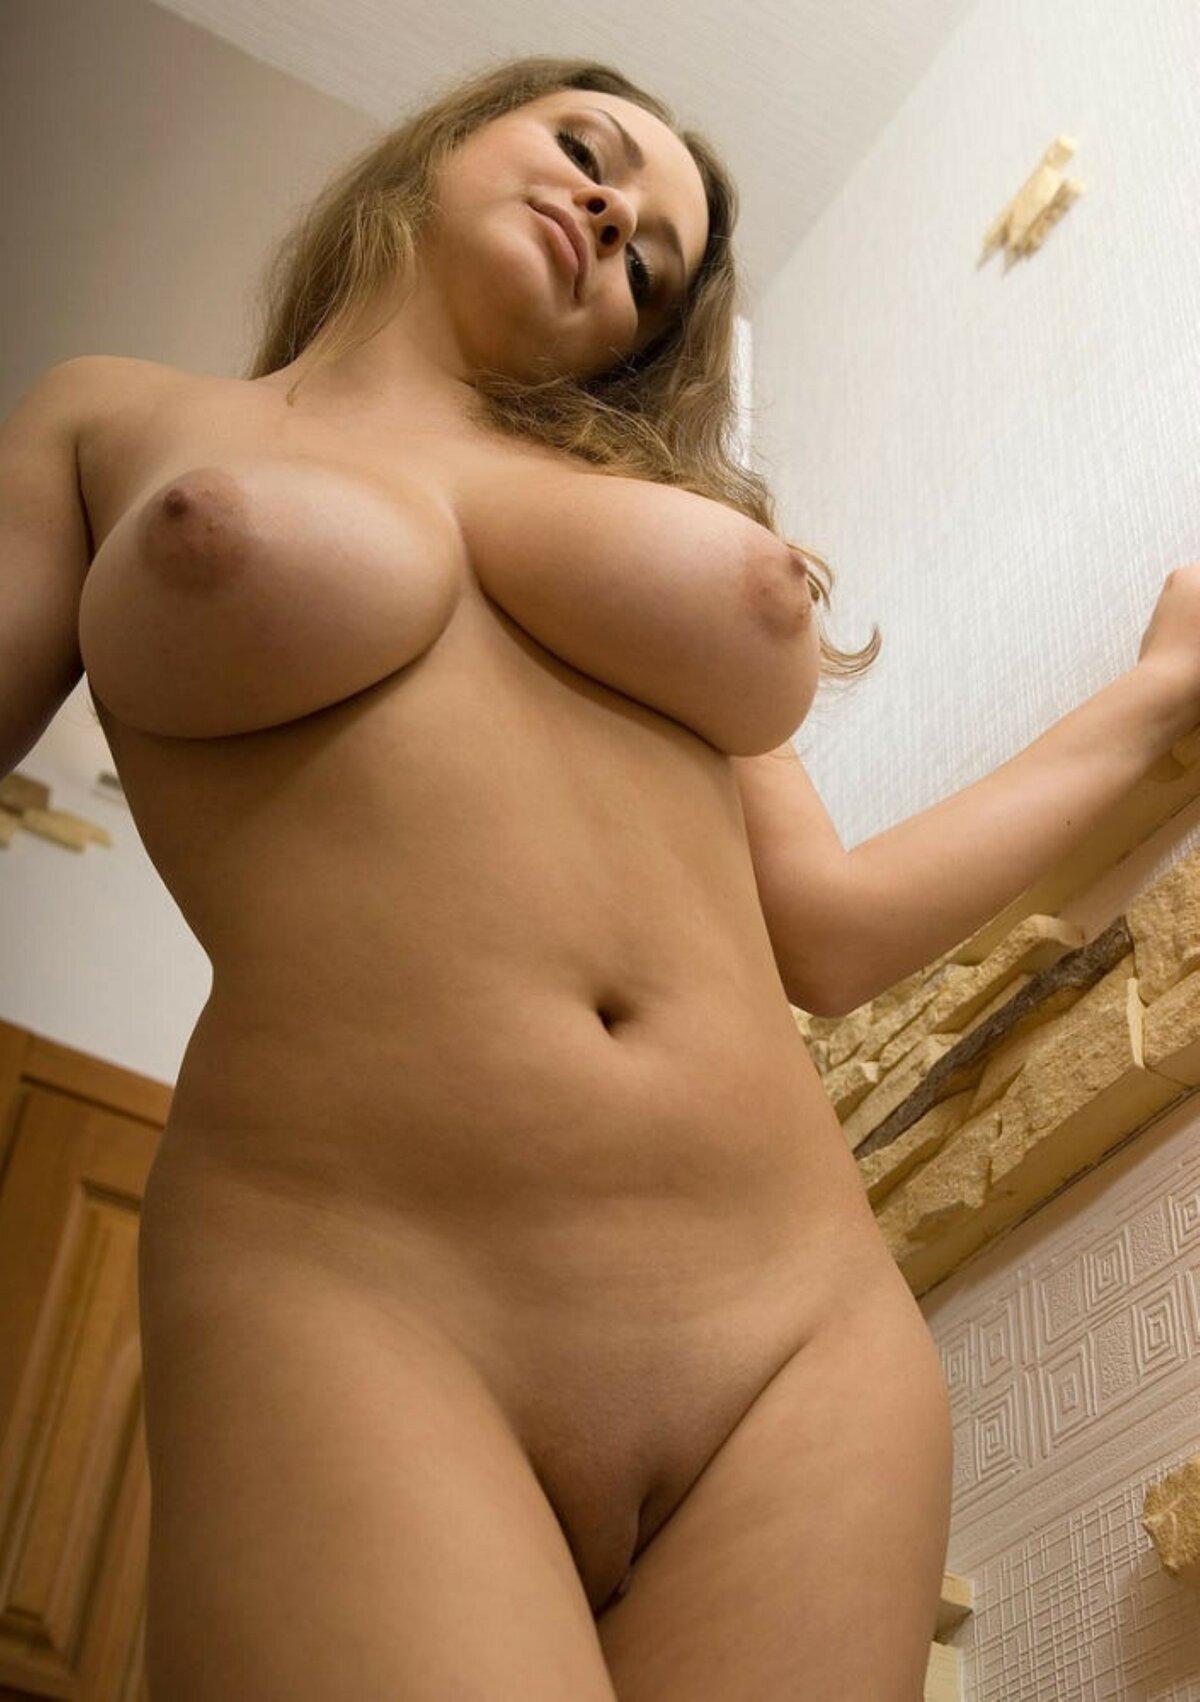 полные голые тела - 13